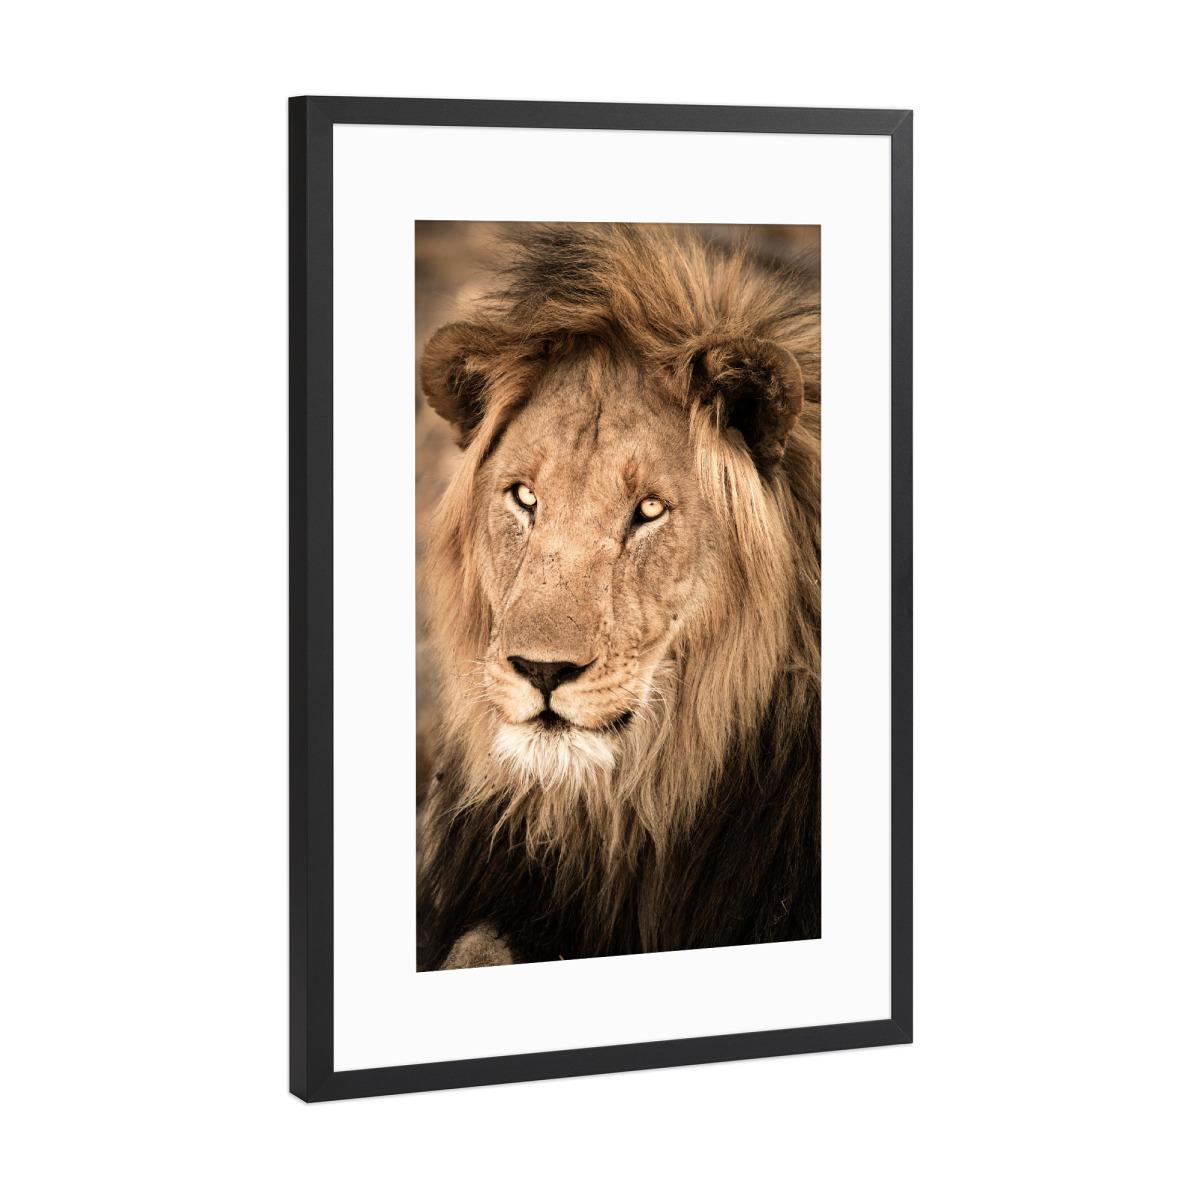 Hübscher Löwe als Gerahmt bei artboxONE kaufen